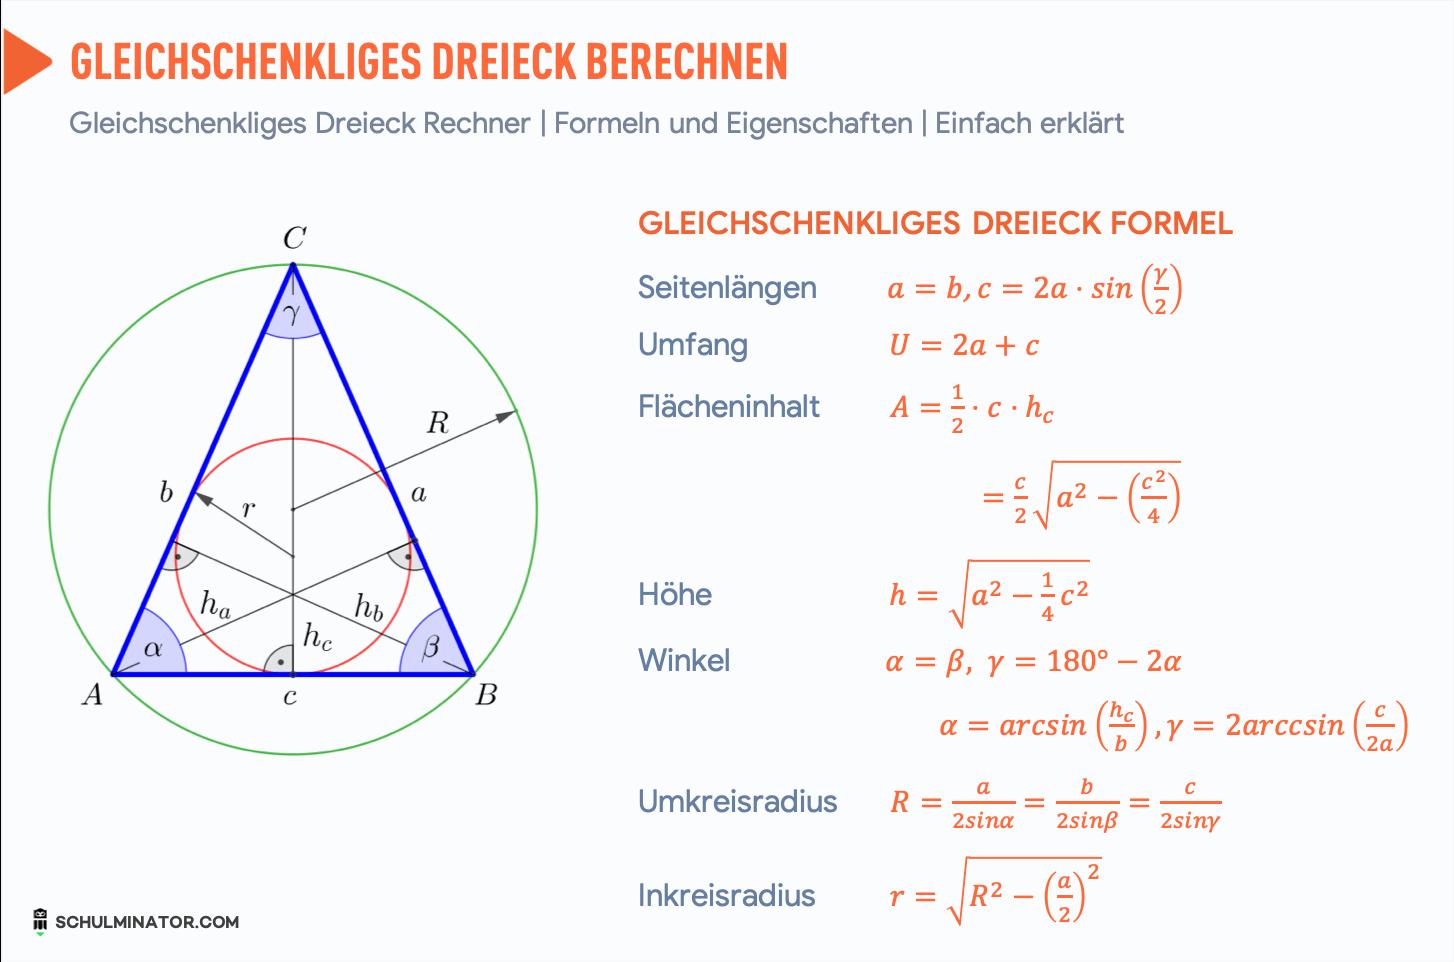 Gleichschenkliges Dreieck Formel Fläche, Umfang, Höhe in